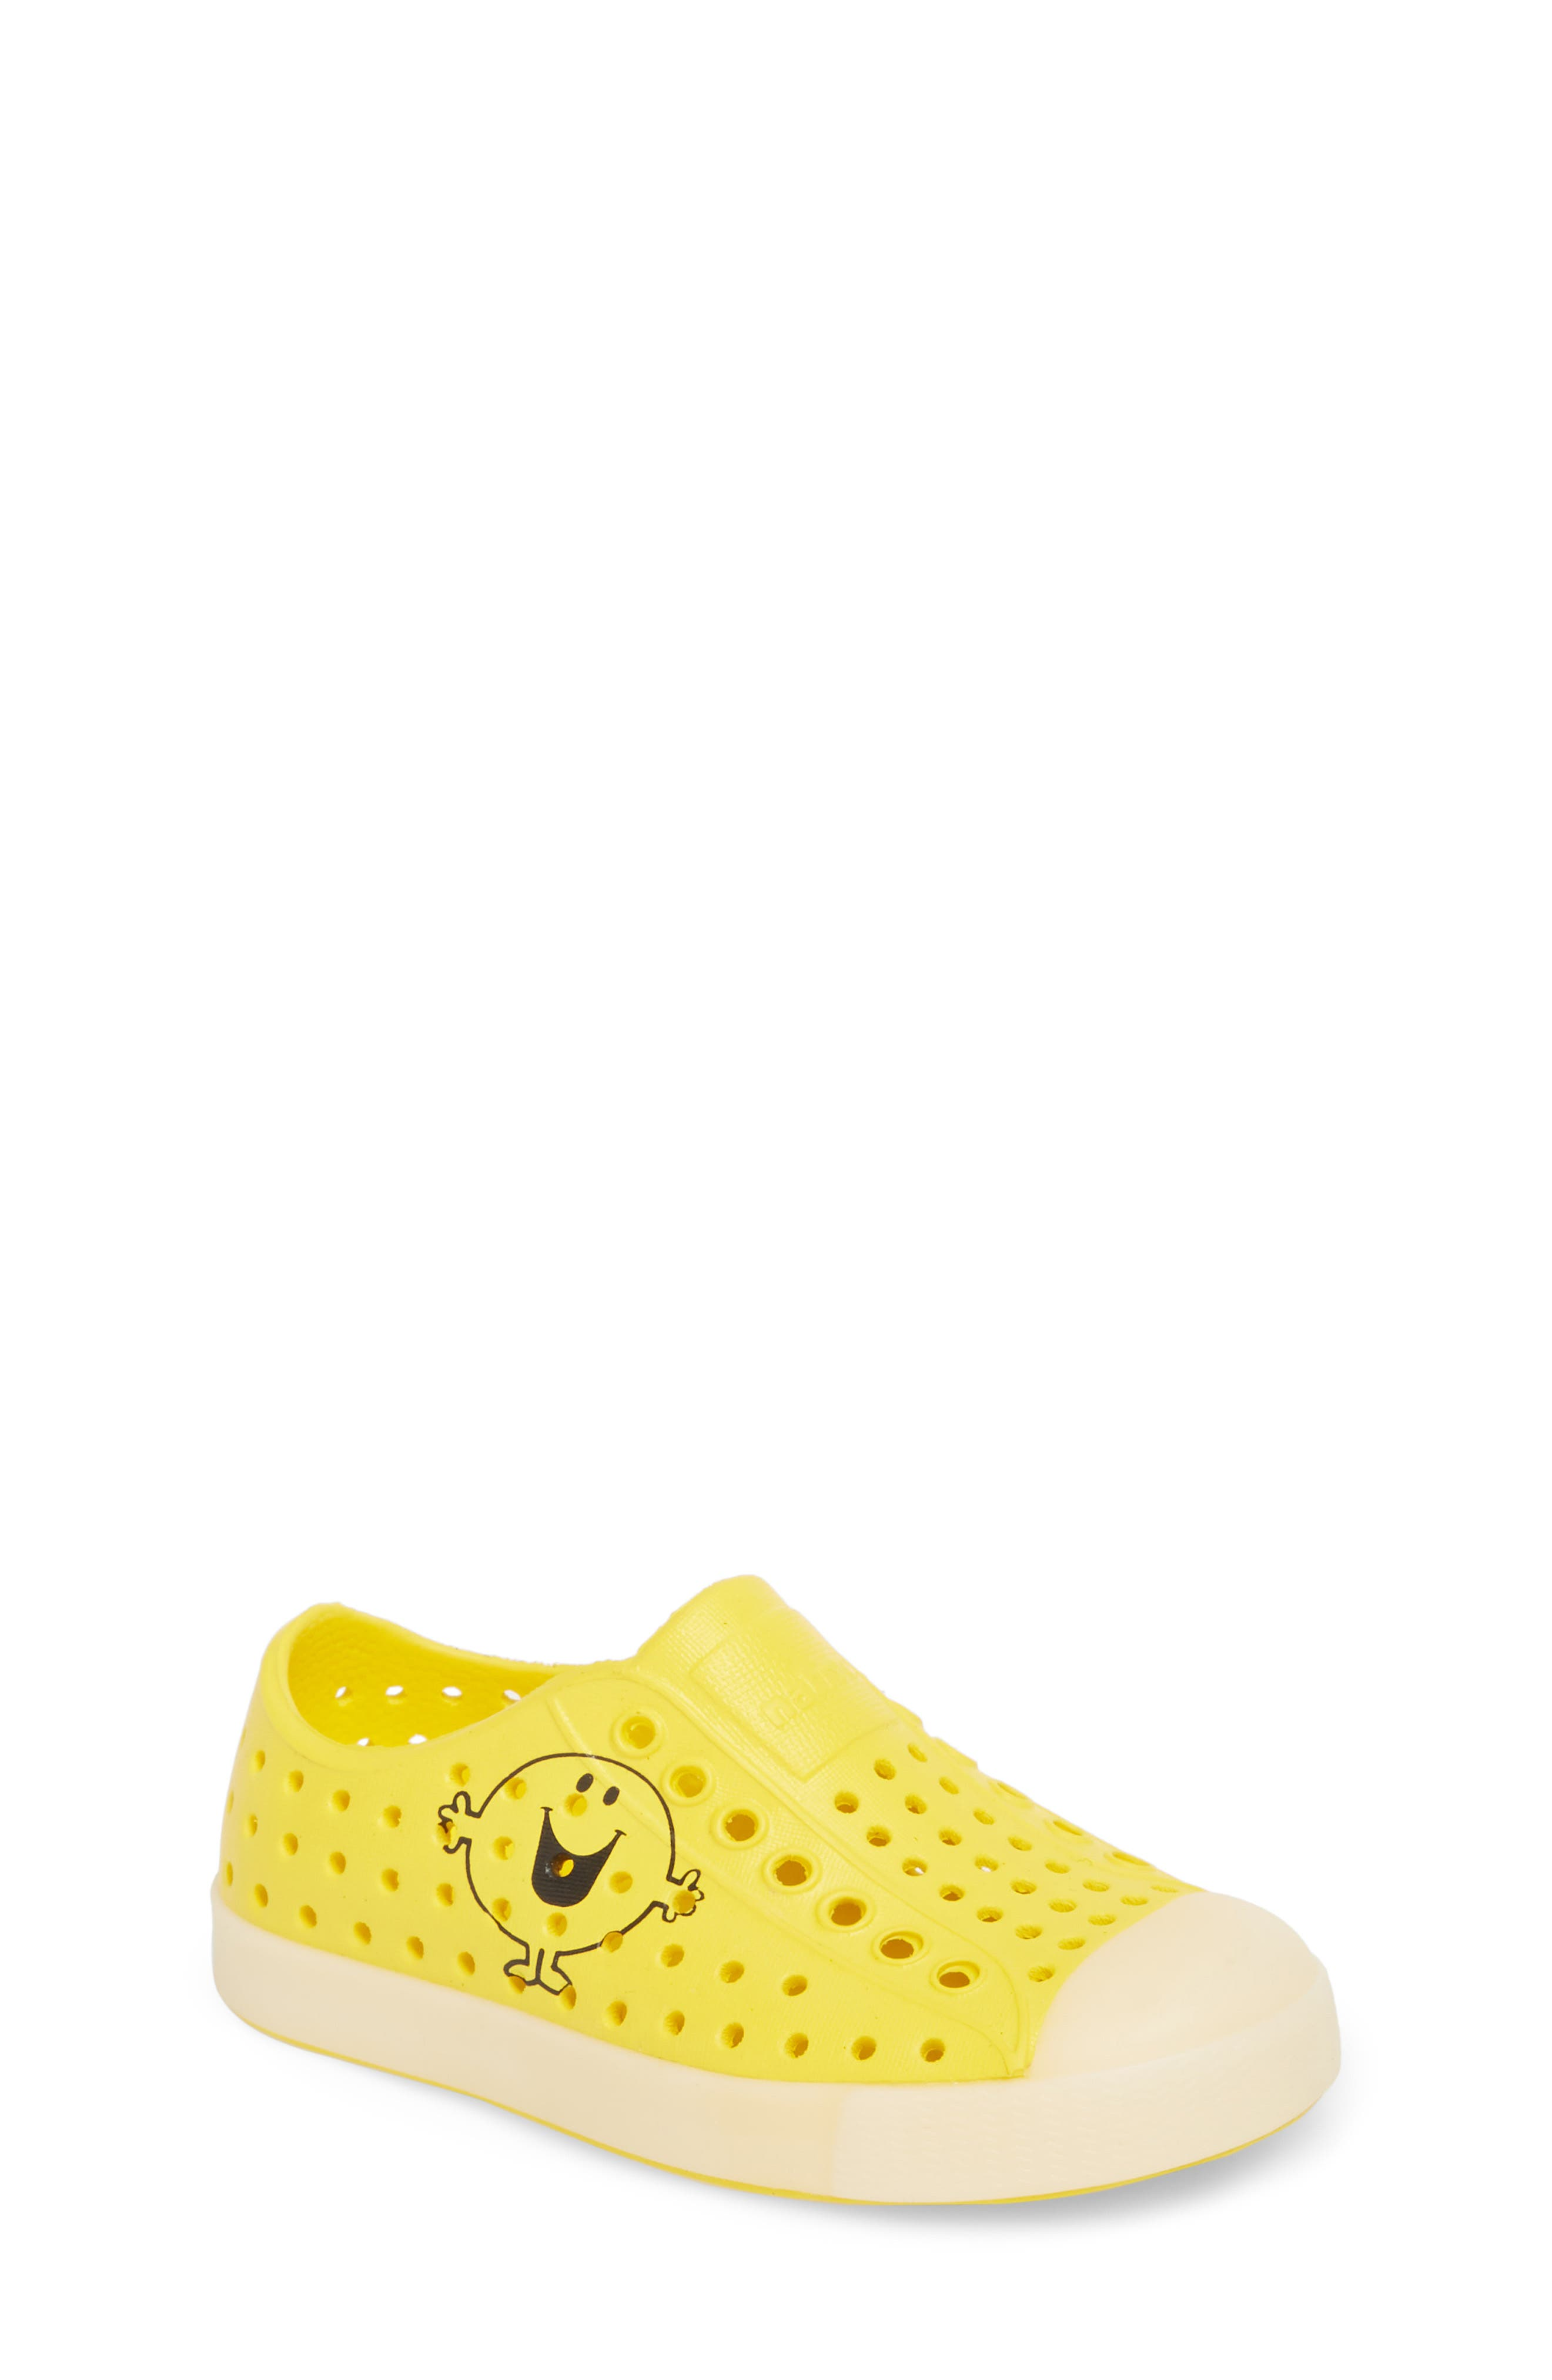 Jefferson - Glow in the Dark Sneaker,                         Main,                         color, Mr. Happy Yellow/ Glow